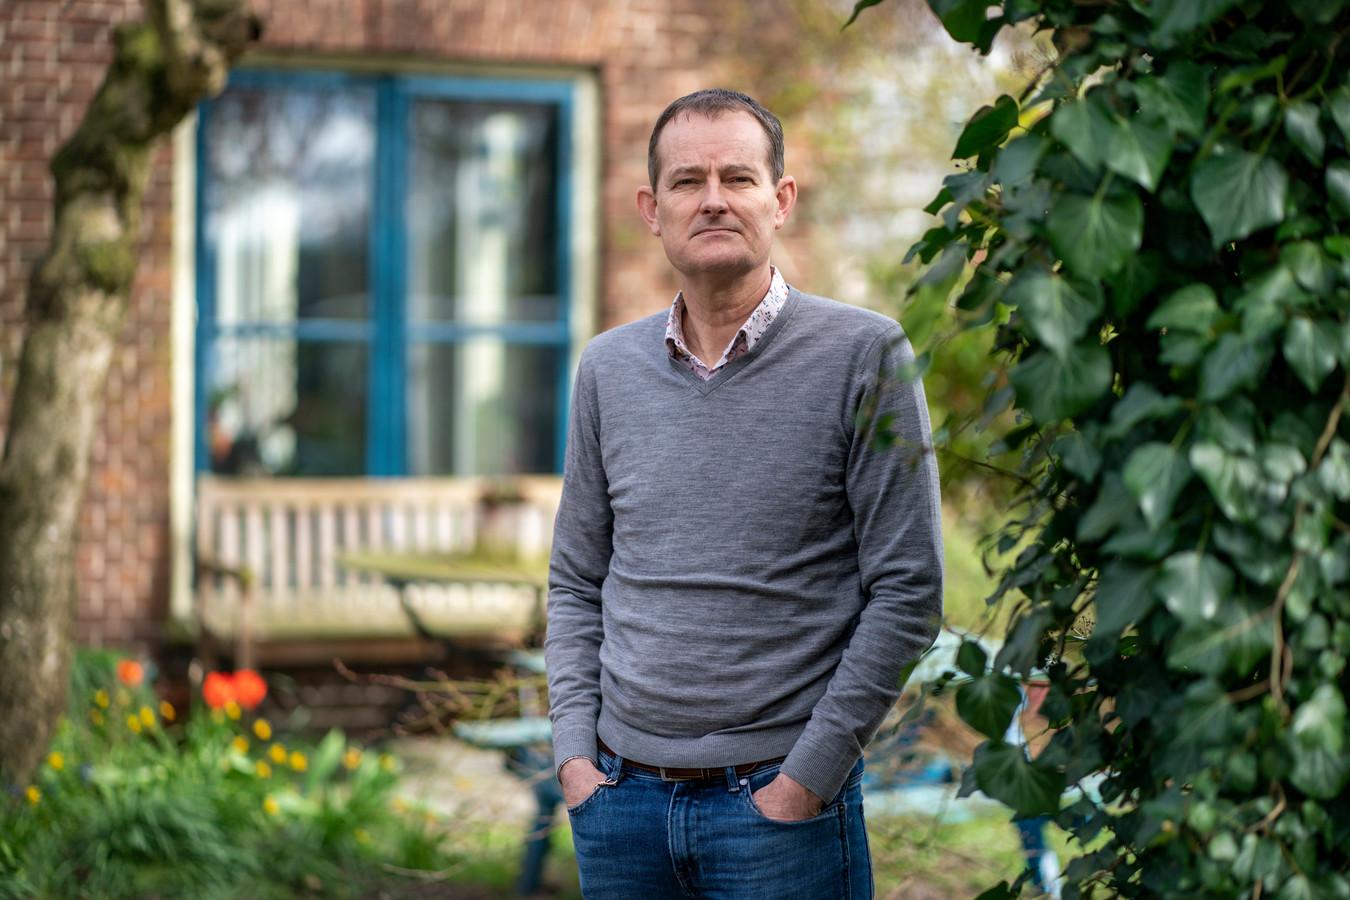 """Hans Heesterbeek, hoogleraar theoretische epidemiologie (Universiteit Utrecht). ,,In het park zitten en een keer naar de kapper gaan zullen echt niet de grootste risico's vormen."""""""